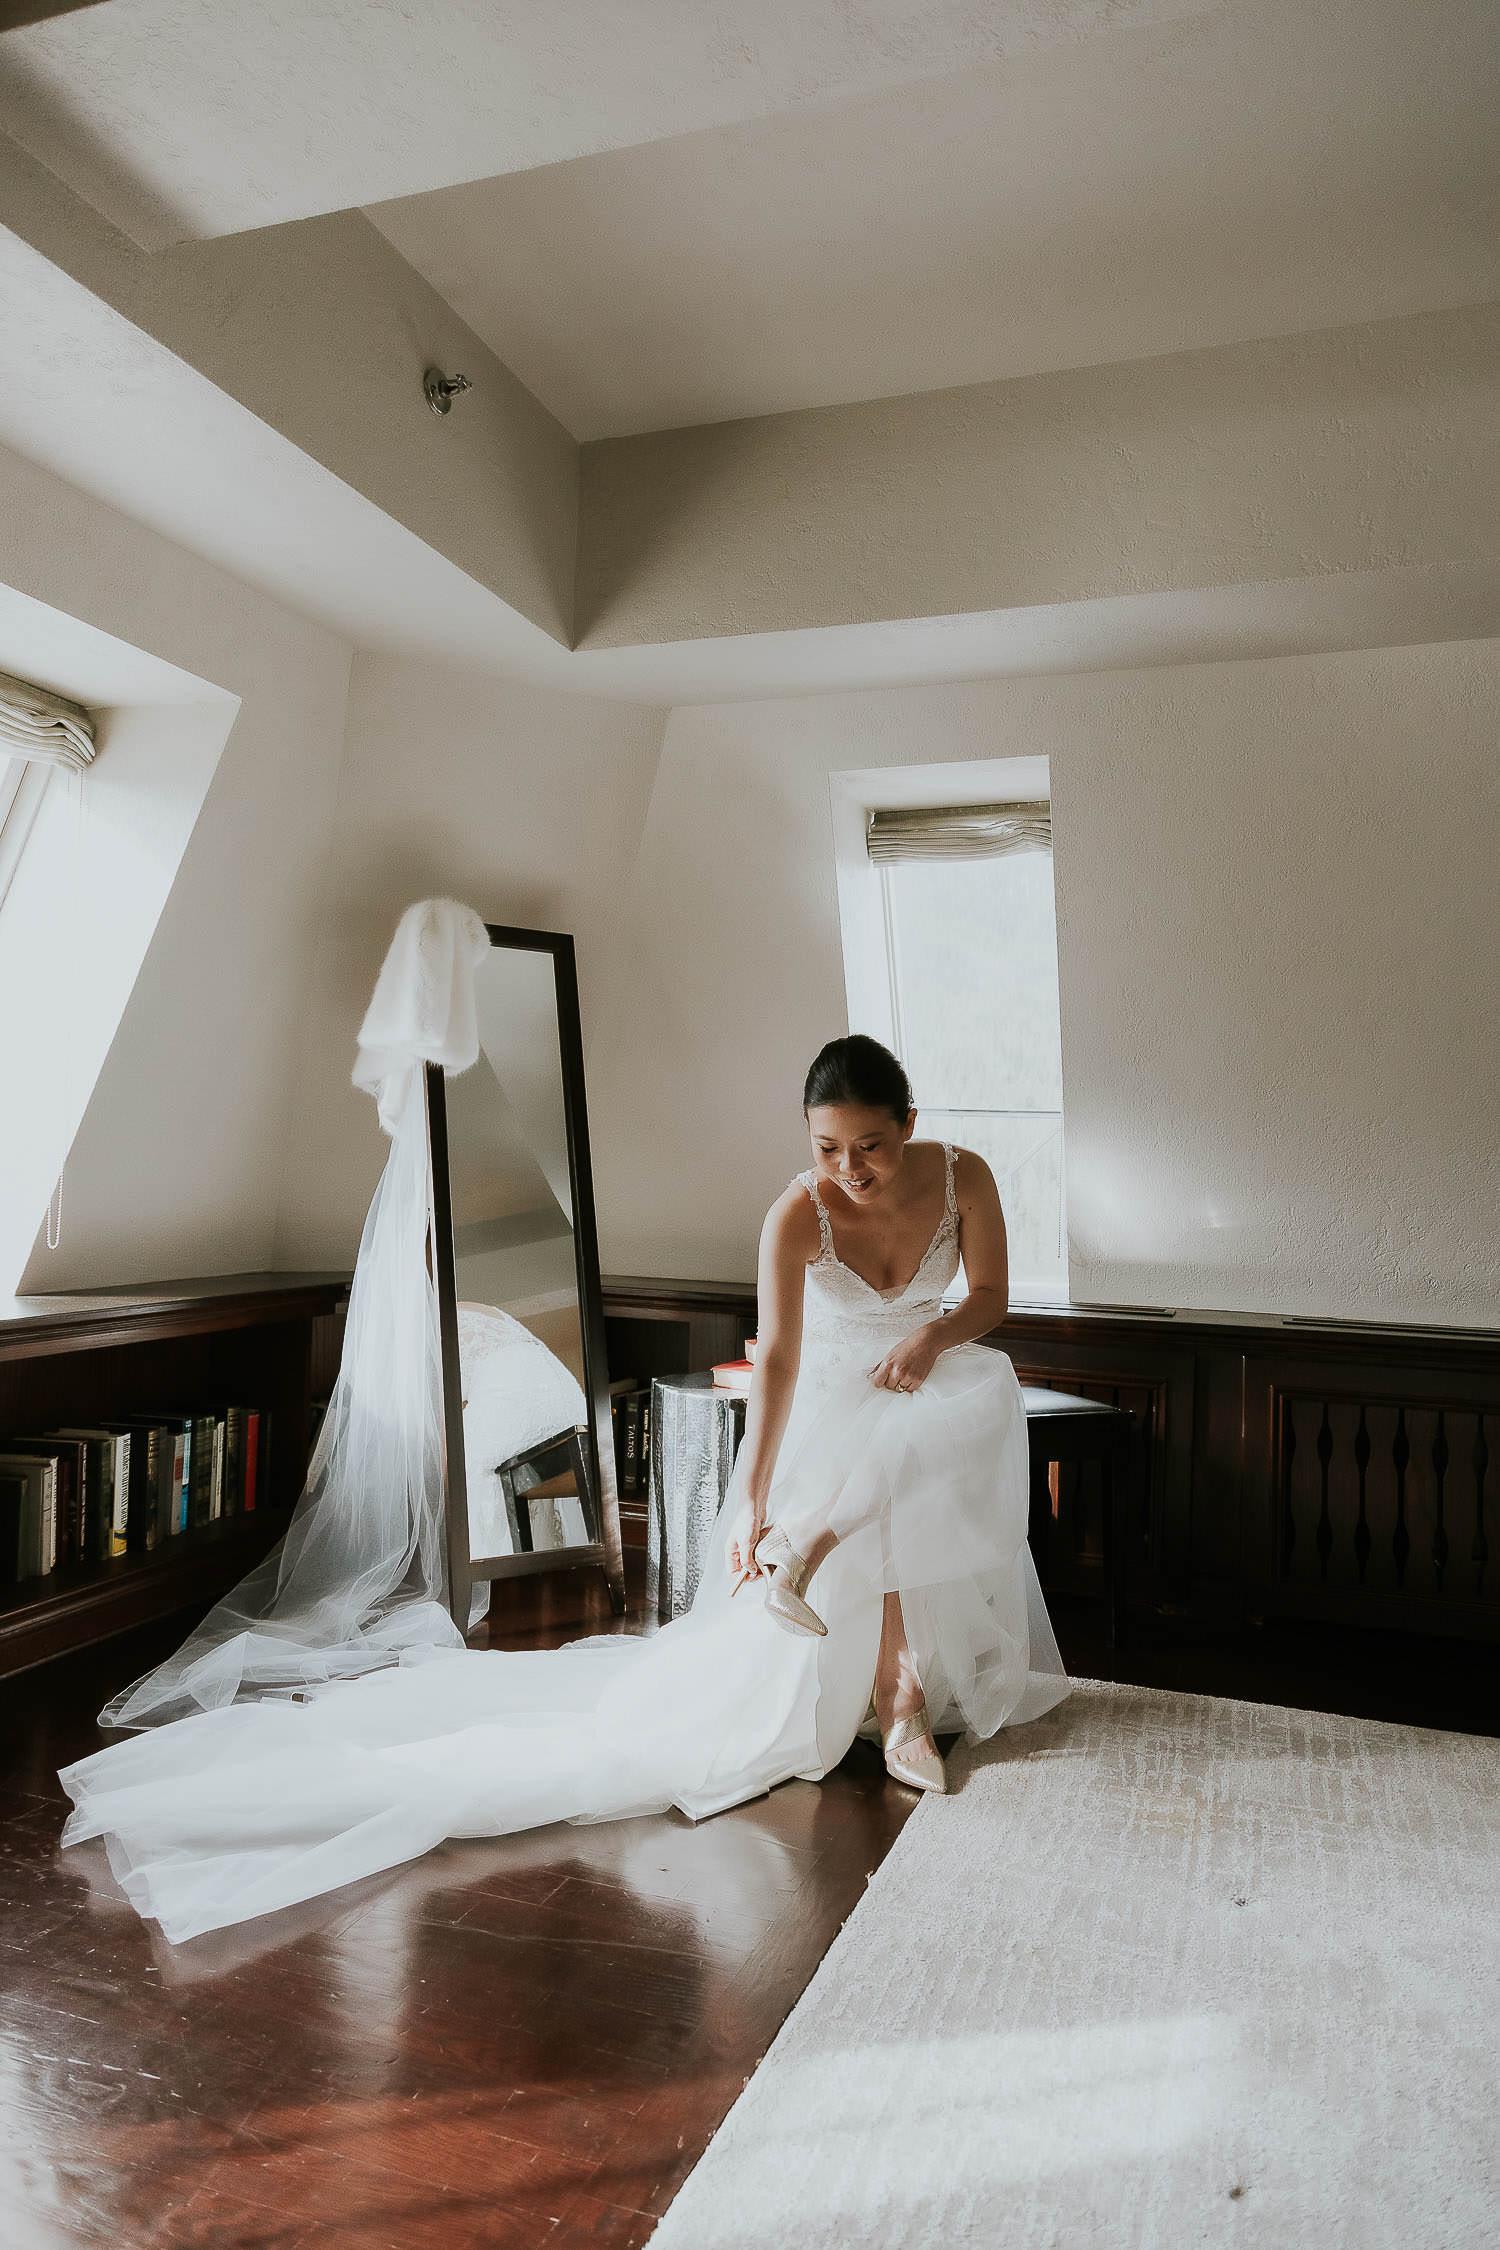 intimate-wedding-at-banff-springs-hotel-sarah-pukin-0040